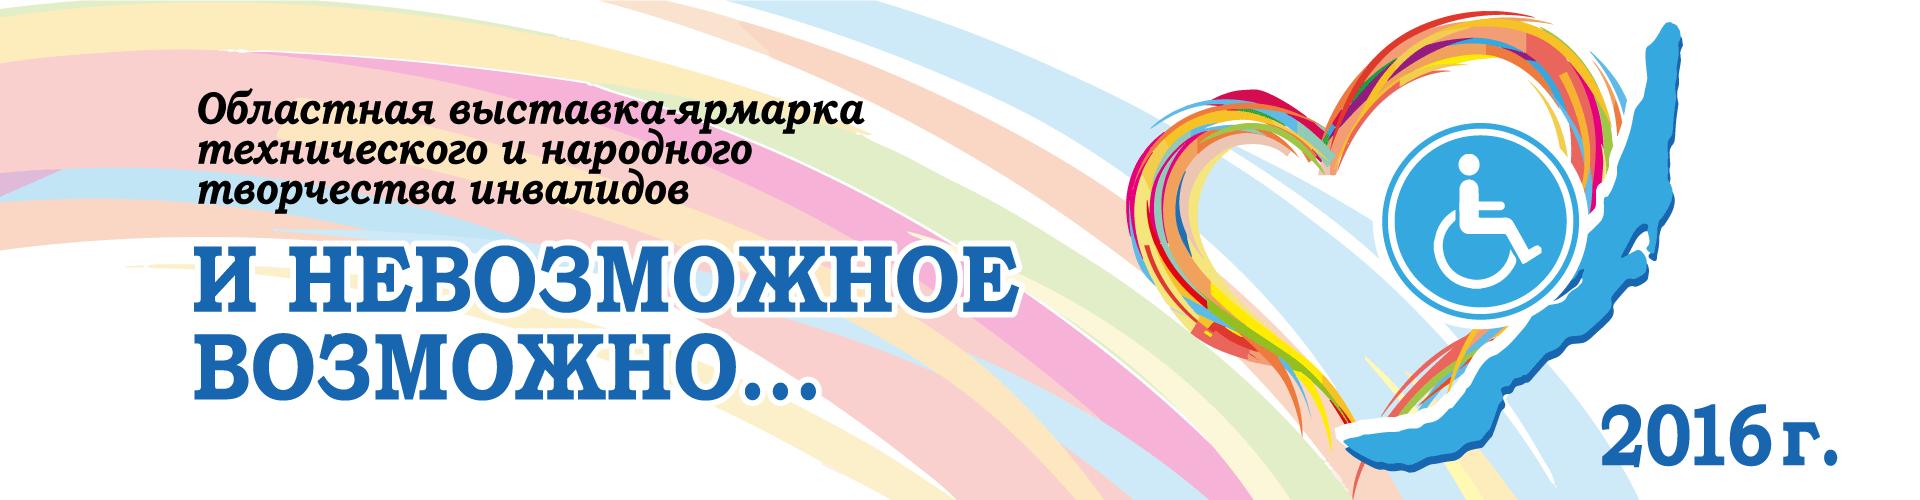 bann_nevozmozhnoe_1920h500_1